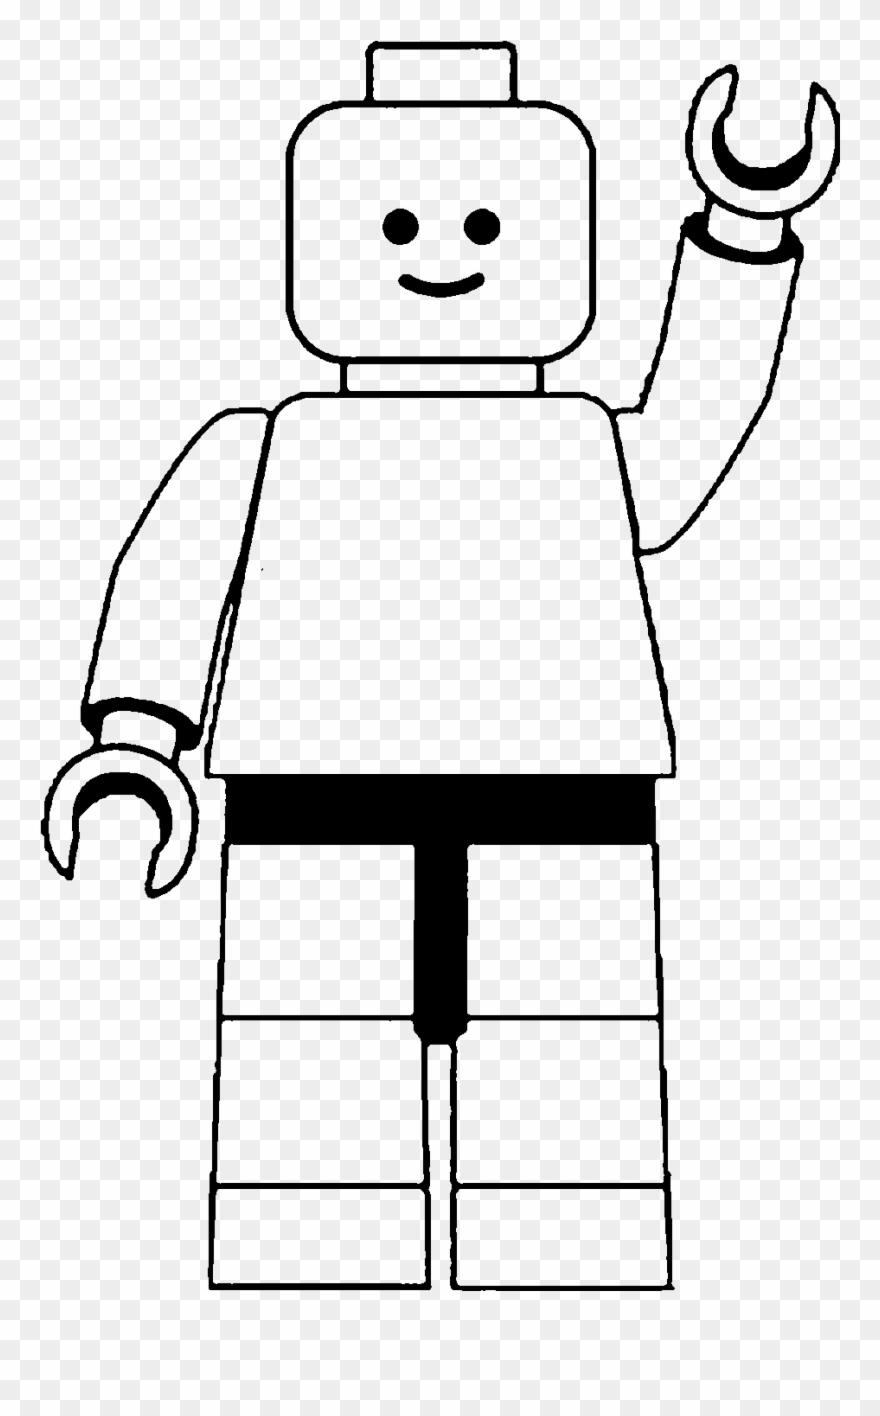 Lego man black and. Legos clipart clip art